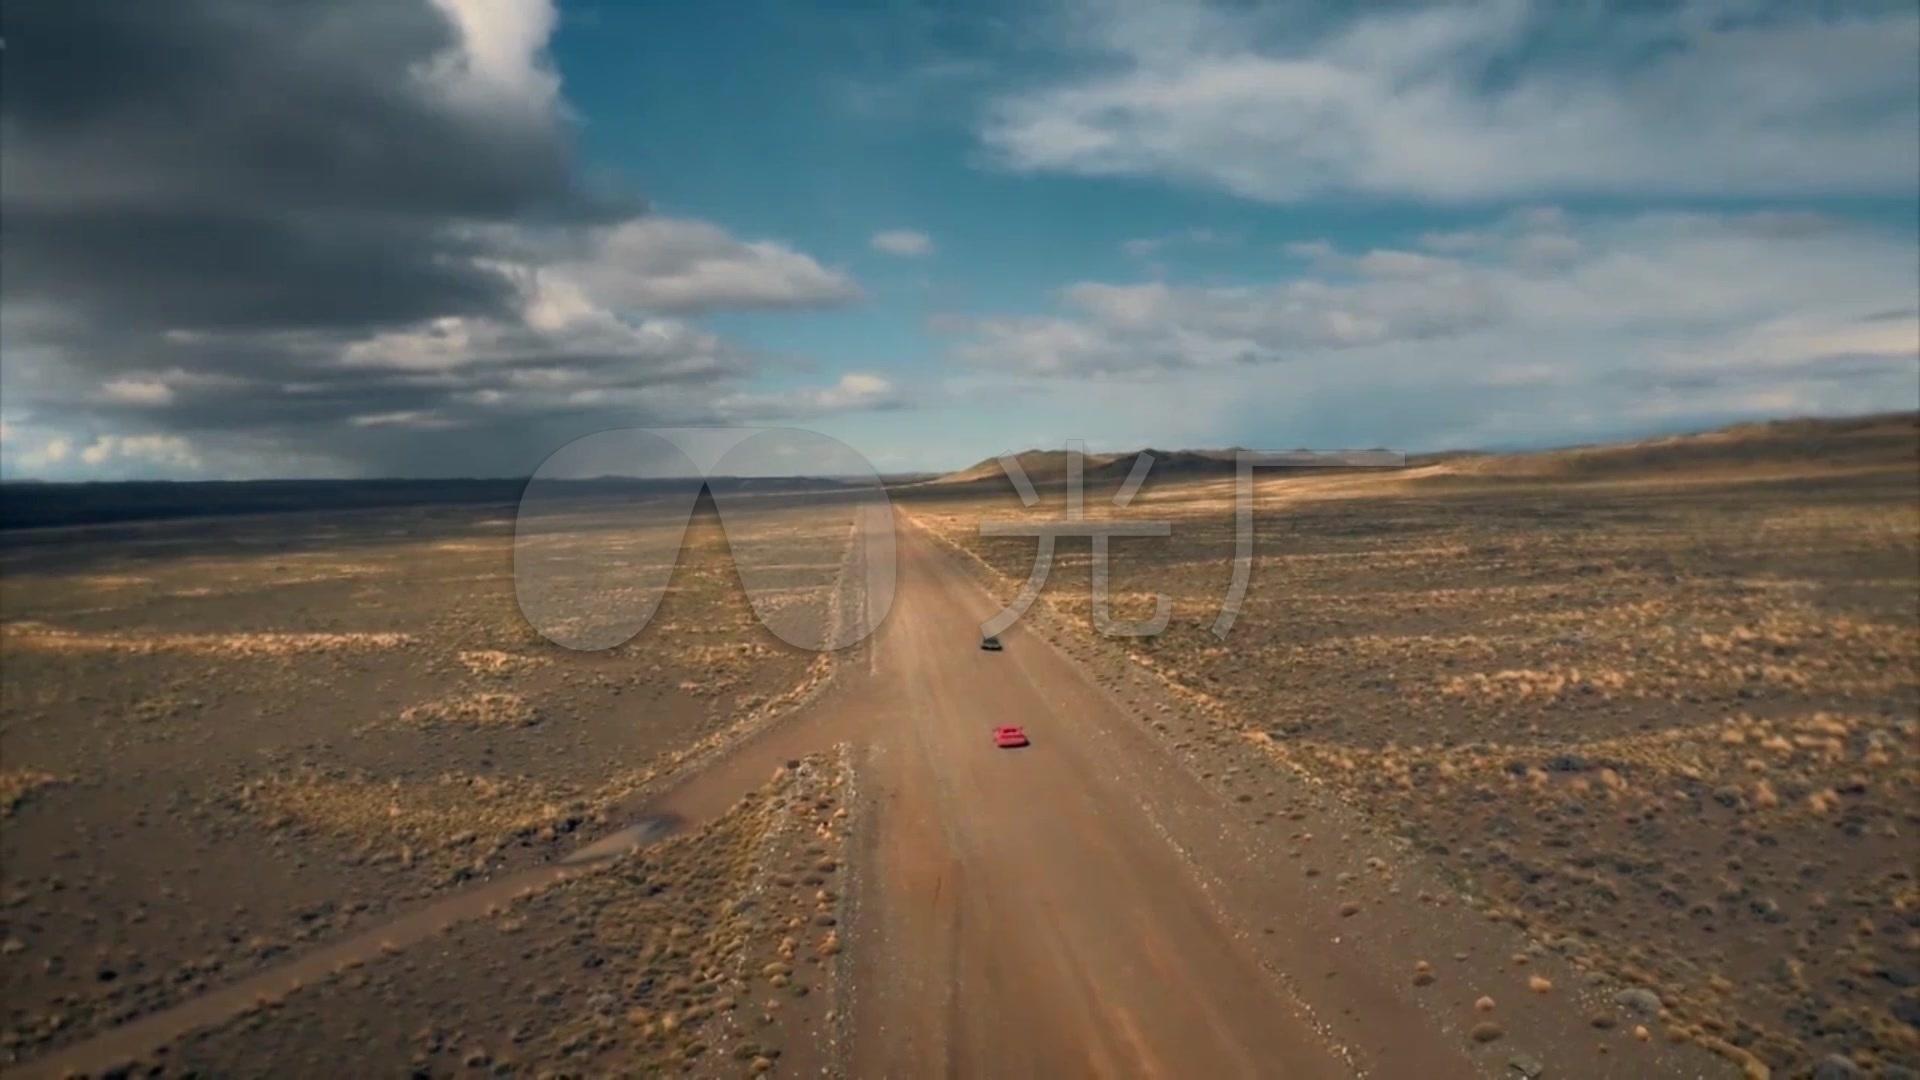 越野戈壁滩公路素材赛车烈焰沙漠_裁决视频_航拍视频跑车图片